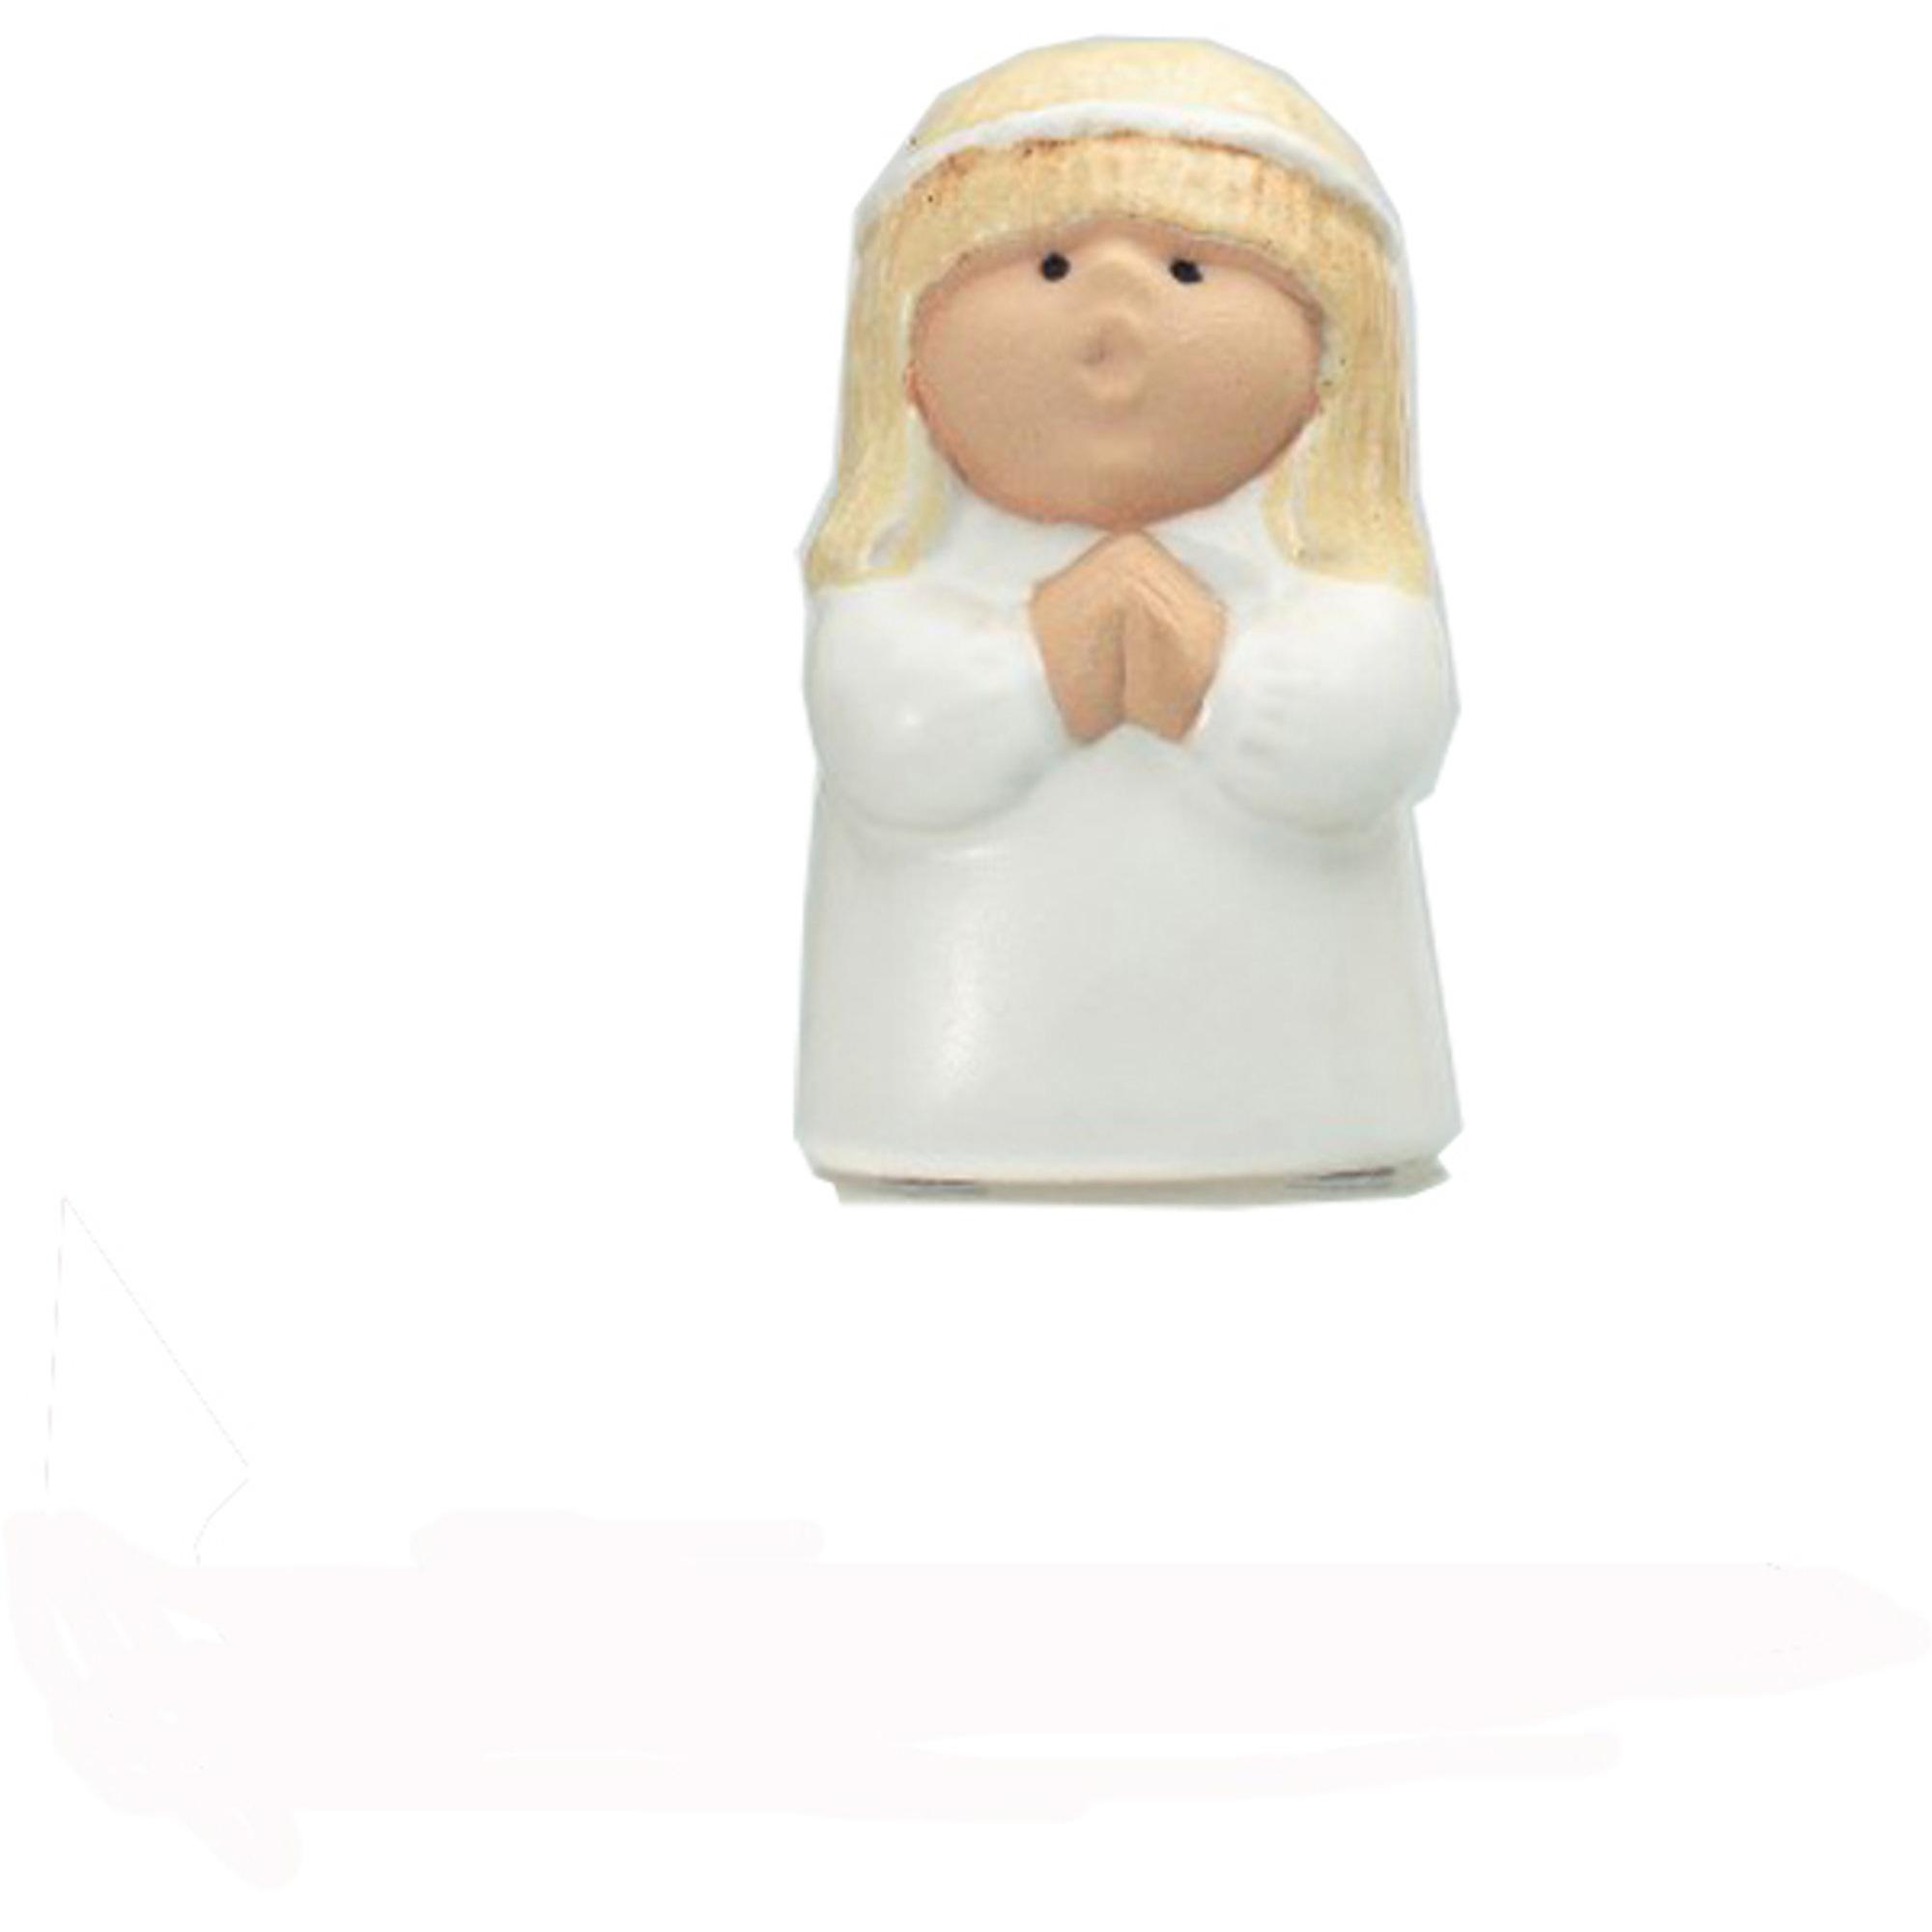 Rörstrand Adventsbarn Tärna 105 cm